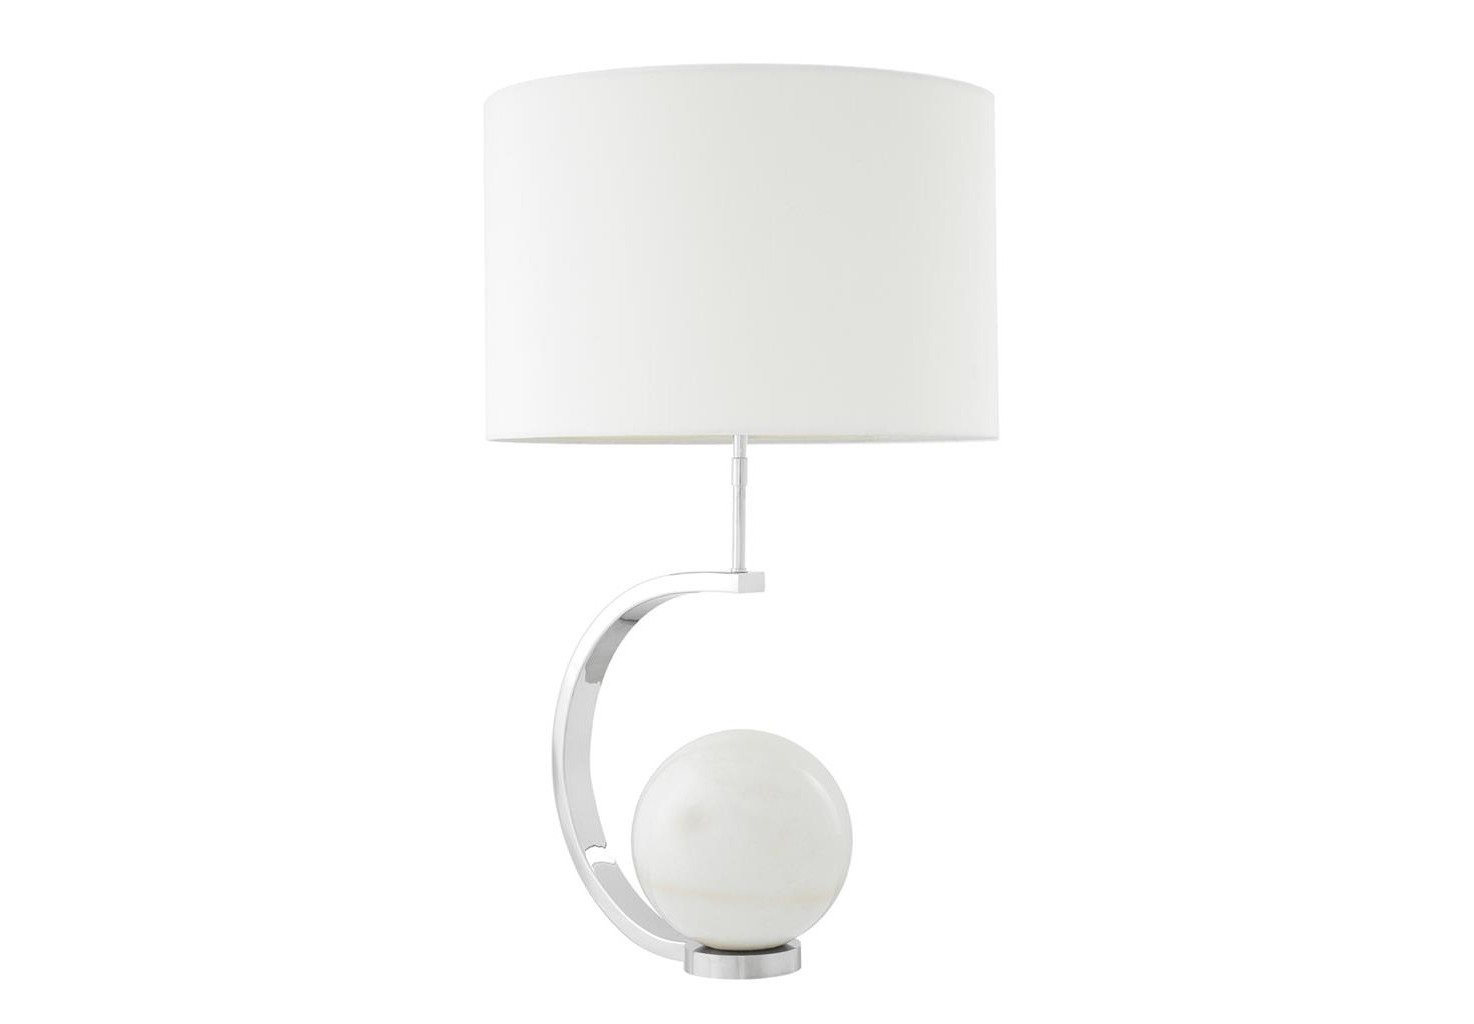 Настольная лампаДекоративные лампы<br>Настольная лампа Table Lamp Luigi с основанием из никелированного металла. Шар из белого мрамора на основании. Текстильный белый абажур скрывает лампу.&amp;lt;div&amp;gt;&amp;lt;br&amp;gt;&amp;lt;/div&amp;gt;&amp;lt;div&amp;gt;&amp;lt;div&amp;gt;Тип цоколя: E27&amp;lt;/div&amp;gt;&amp;lt;div&amp;gt;Мощность: 40W&amp;lt;/div&amp;gt;&amp;lt;div&amp;gt;Кол-во ламп: 1 (нет в комплекте)&amp;lt;/div&amp;gt;&amp;lt;/div&amp;gt;<br><br>Material: Металл<br>Ширина см: 35<br>Высота см: 80<br>Глубина см: 48